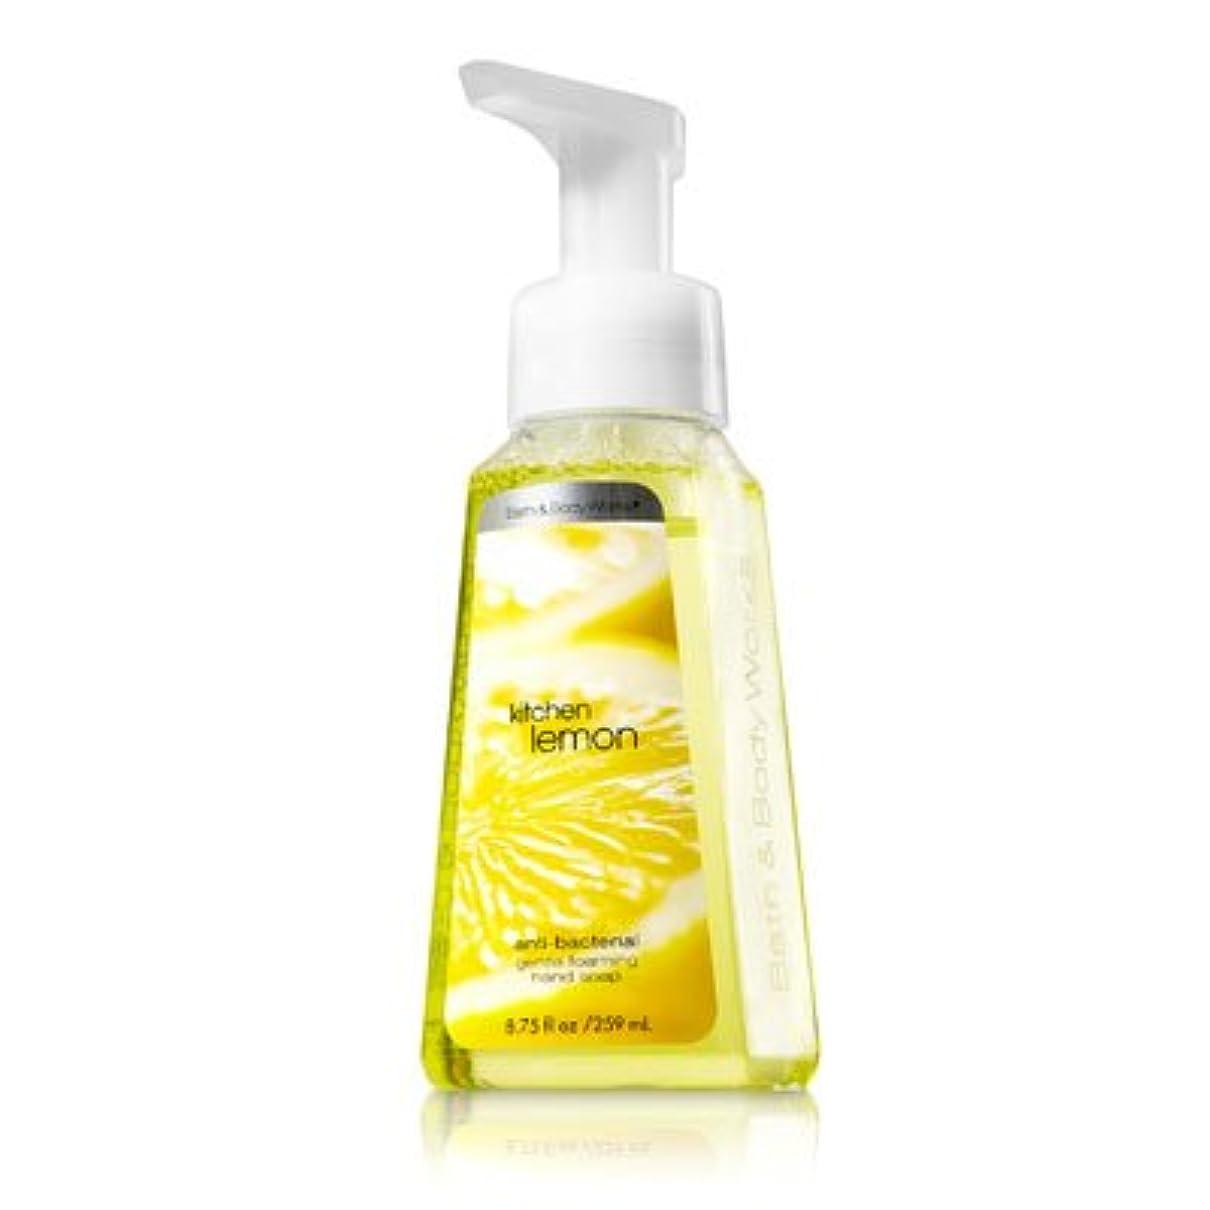 抜本的な周辺強度バス&ボディワークス キッチンレモン ジェントル フォーミング ハンドソープ Kitchen Lemon Gentle Foaming Hand Soap【並行輸入品】